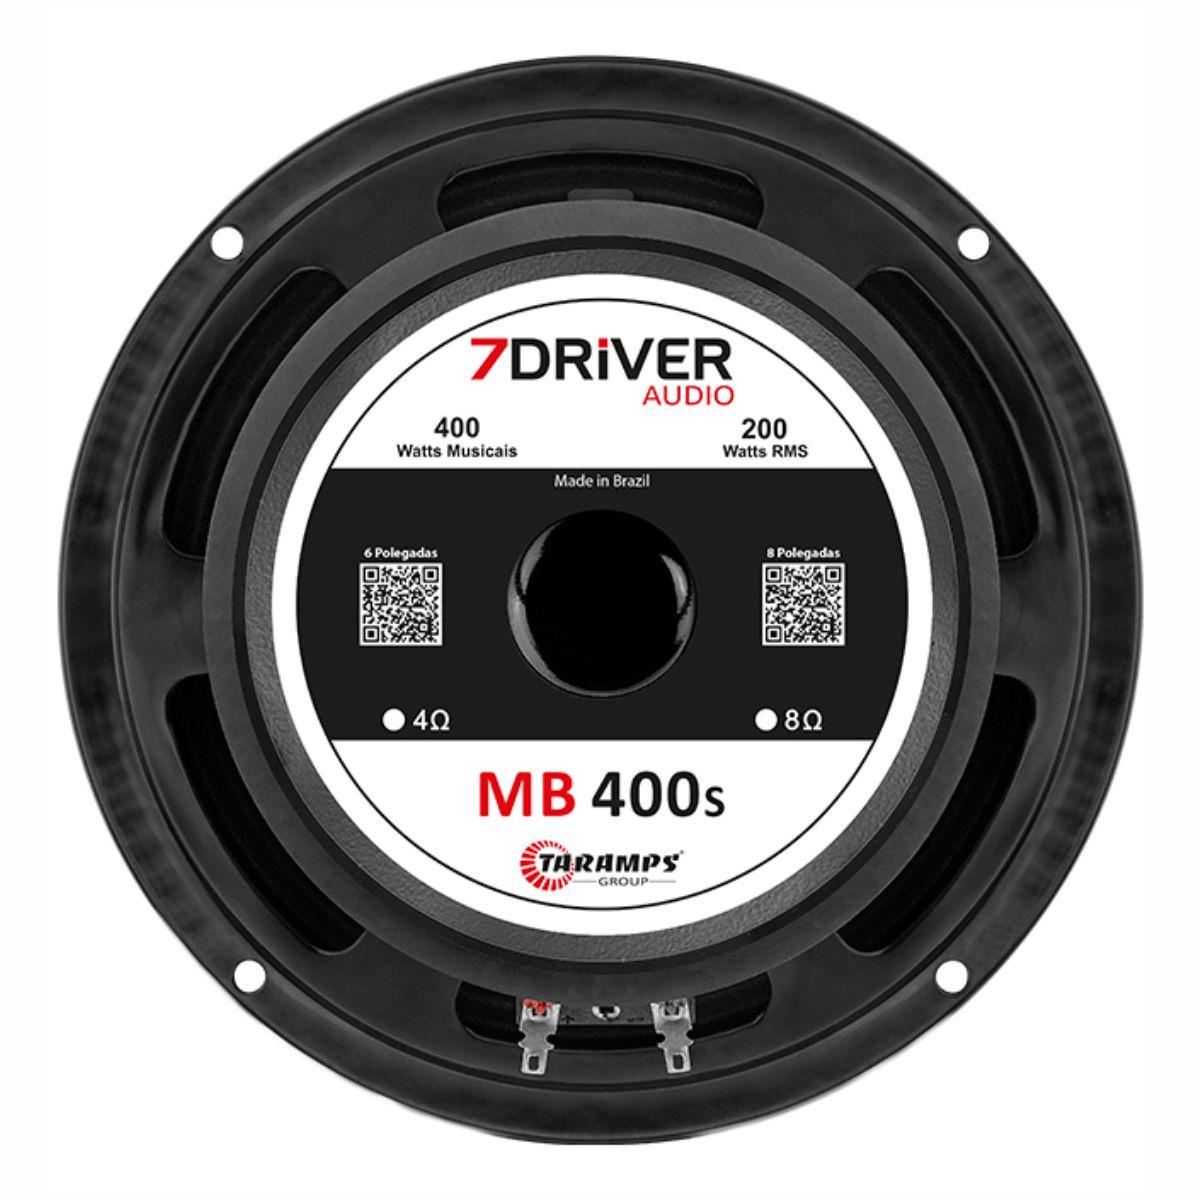 """Alto Falante Woofer 7Driver 8"""" MB 400S 200W Rms 4 Ohms"""